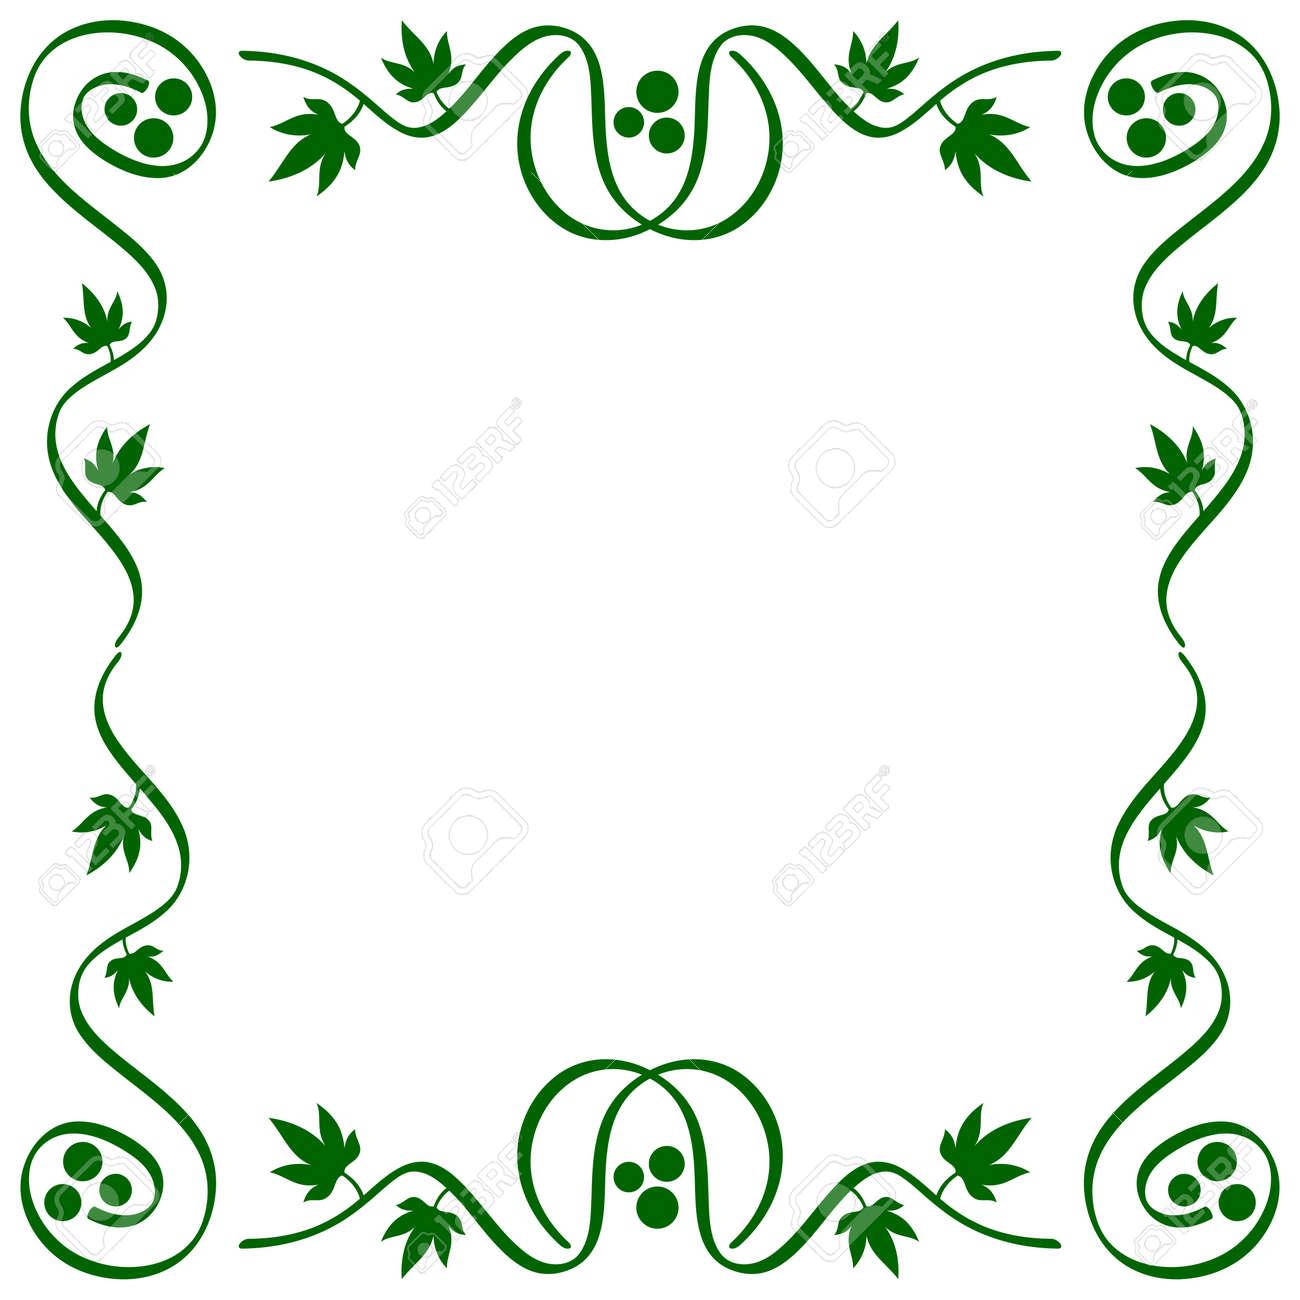 Abstrakte Ornamentale Stilisierten Reben Rahmen Mit Blättern Und ...